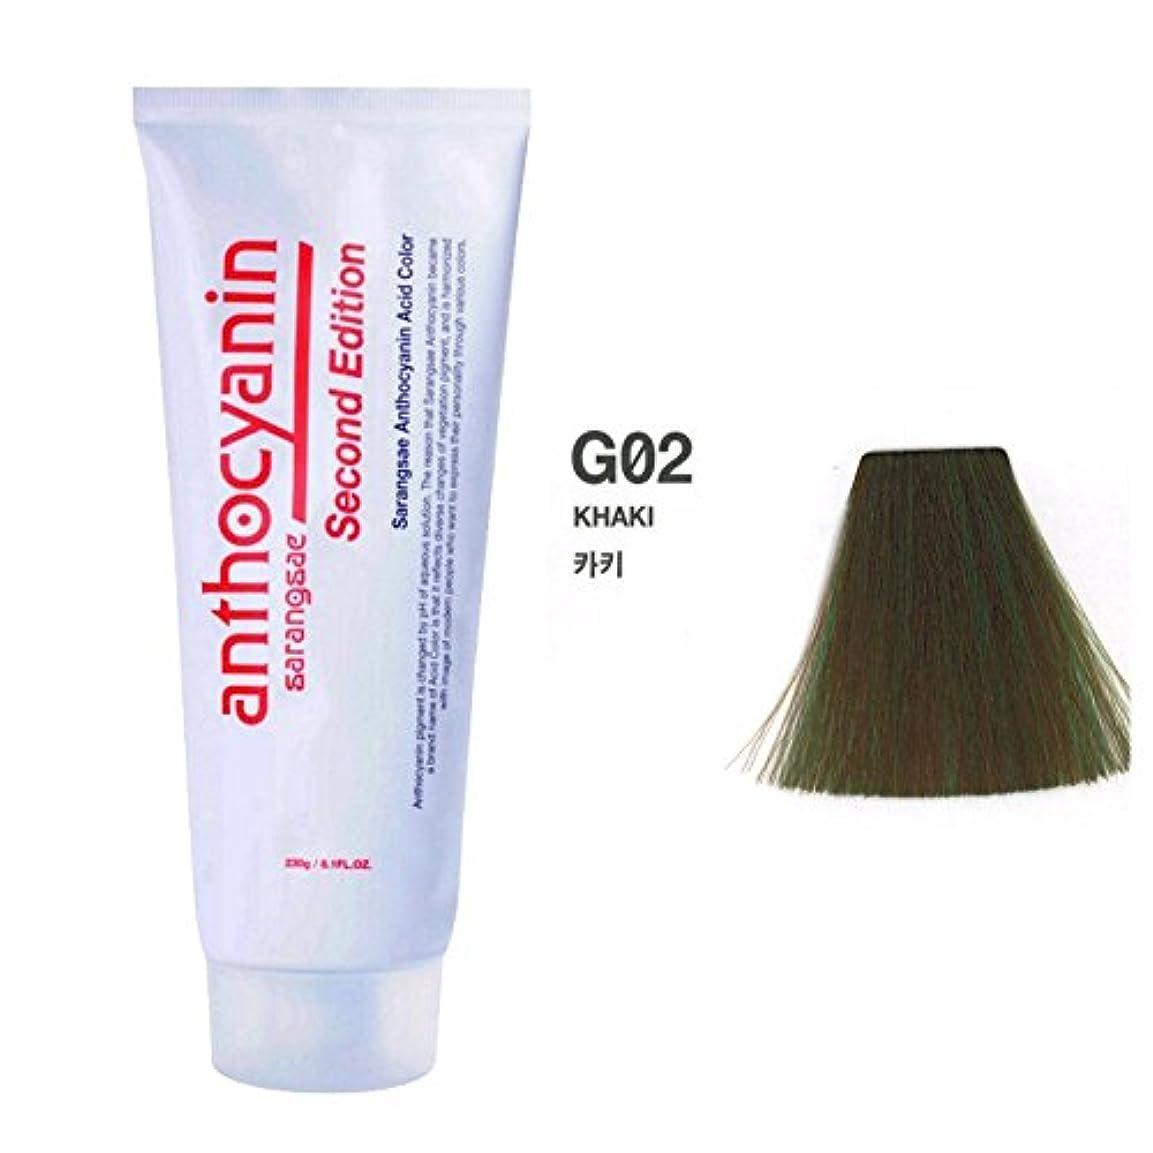 特権海外で考古学者ヘア マニキュア カラー セカンド エディション 230g セミ パーマネント 染毛剤 (Hair Manicure Color Second Edition 230g Semi Permanent Hair Dye) [並行輸入品] (G02 Khaki)